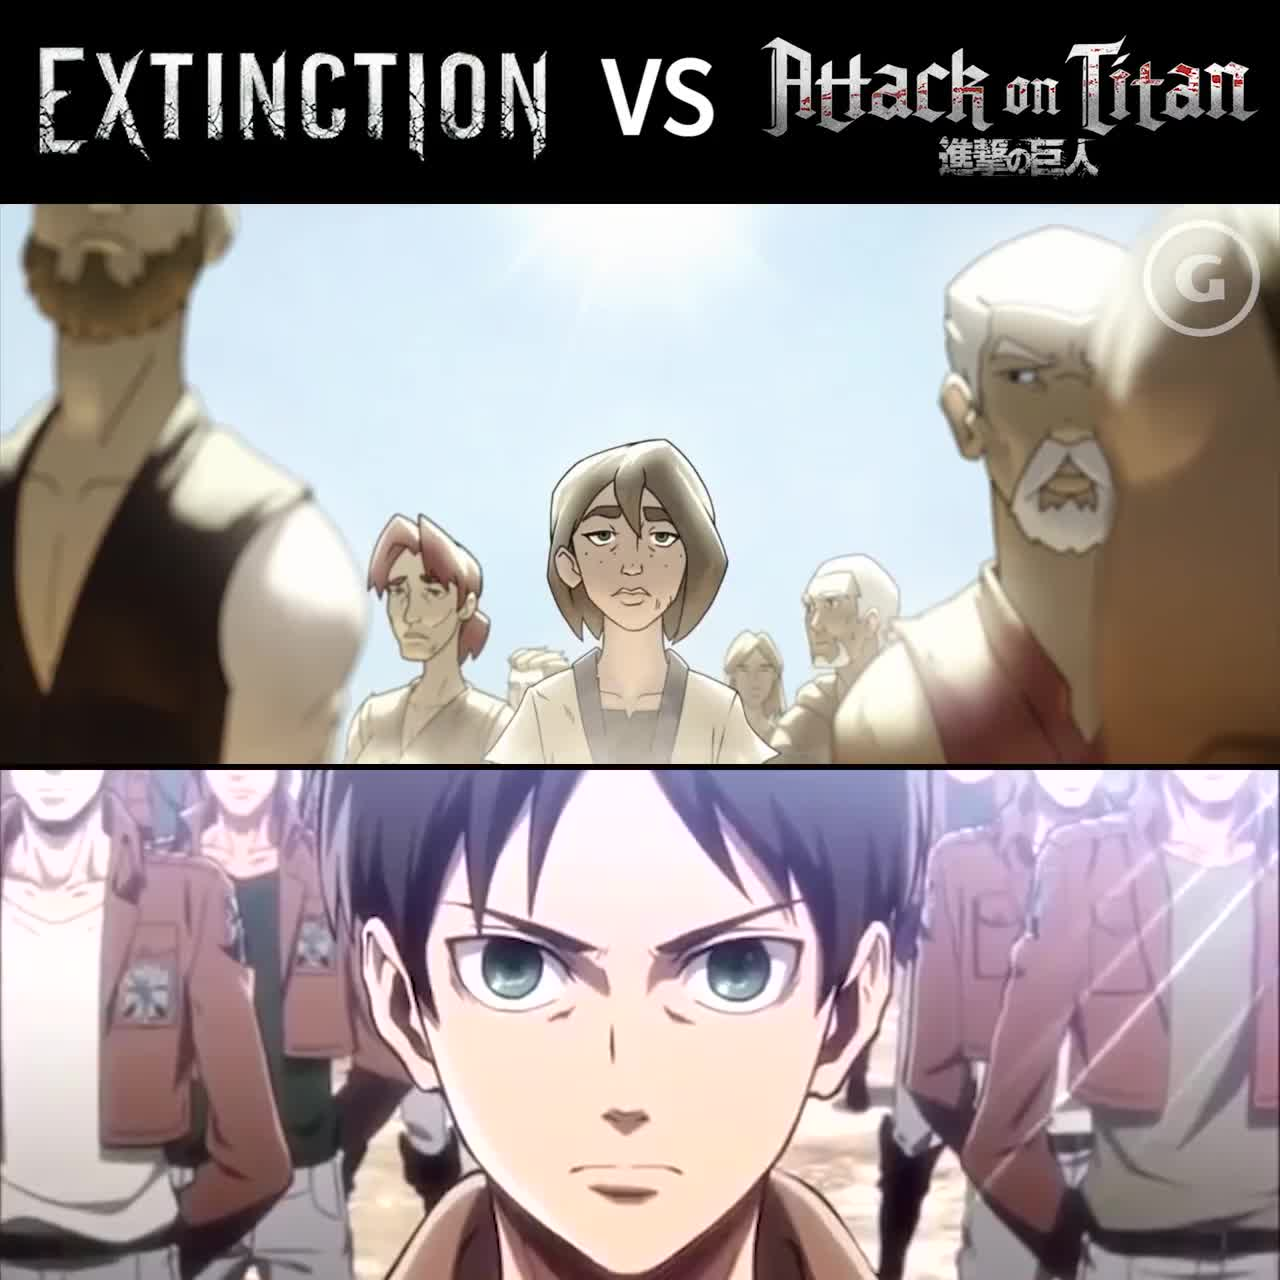 """Hé lộ thêm nhiều hình ảnh về Extinction, tựa game được gọi là """"Attack on Titan của phương Tây"""""""